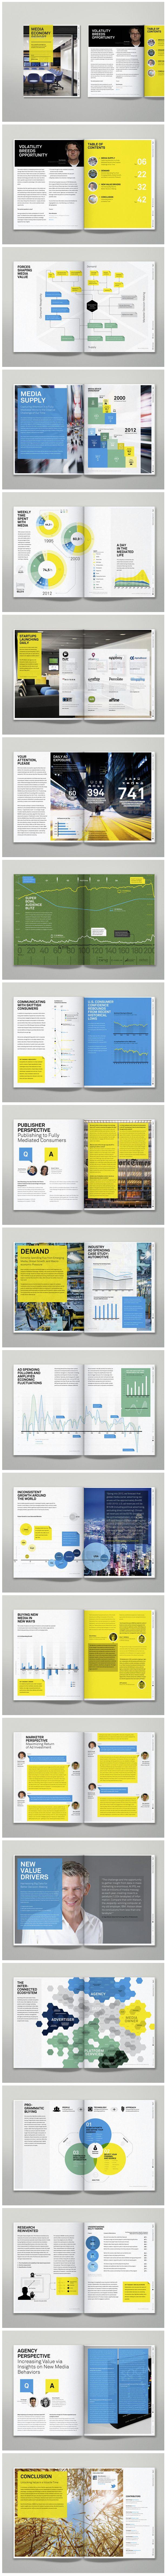 // IPG Media Economy Report via Behance // Editorial